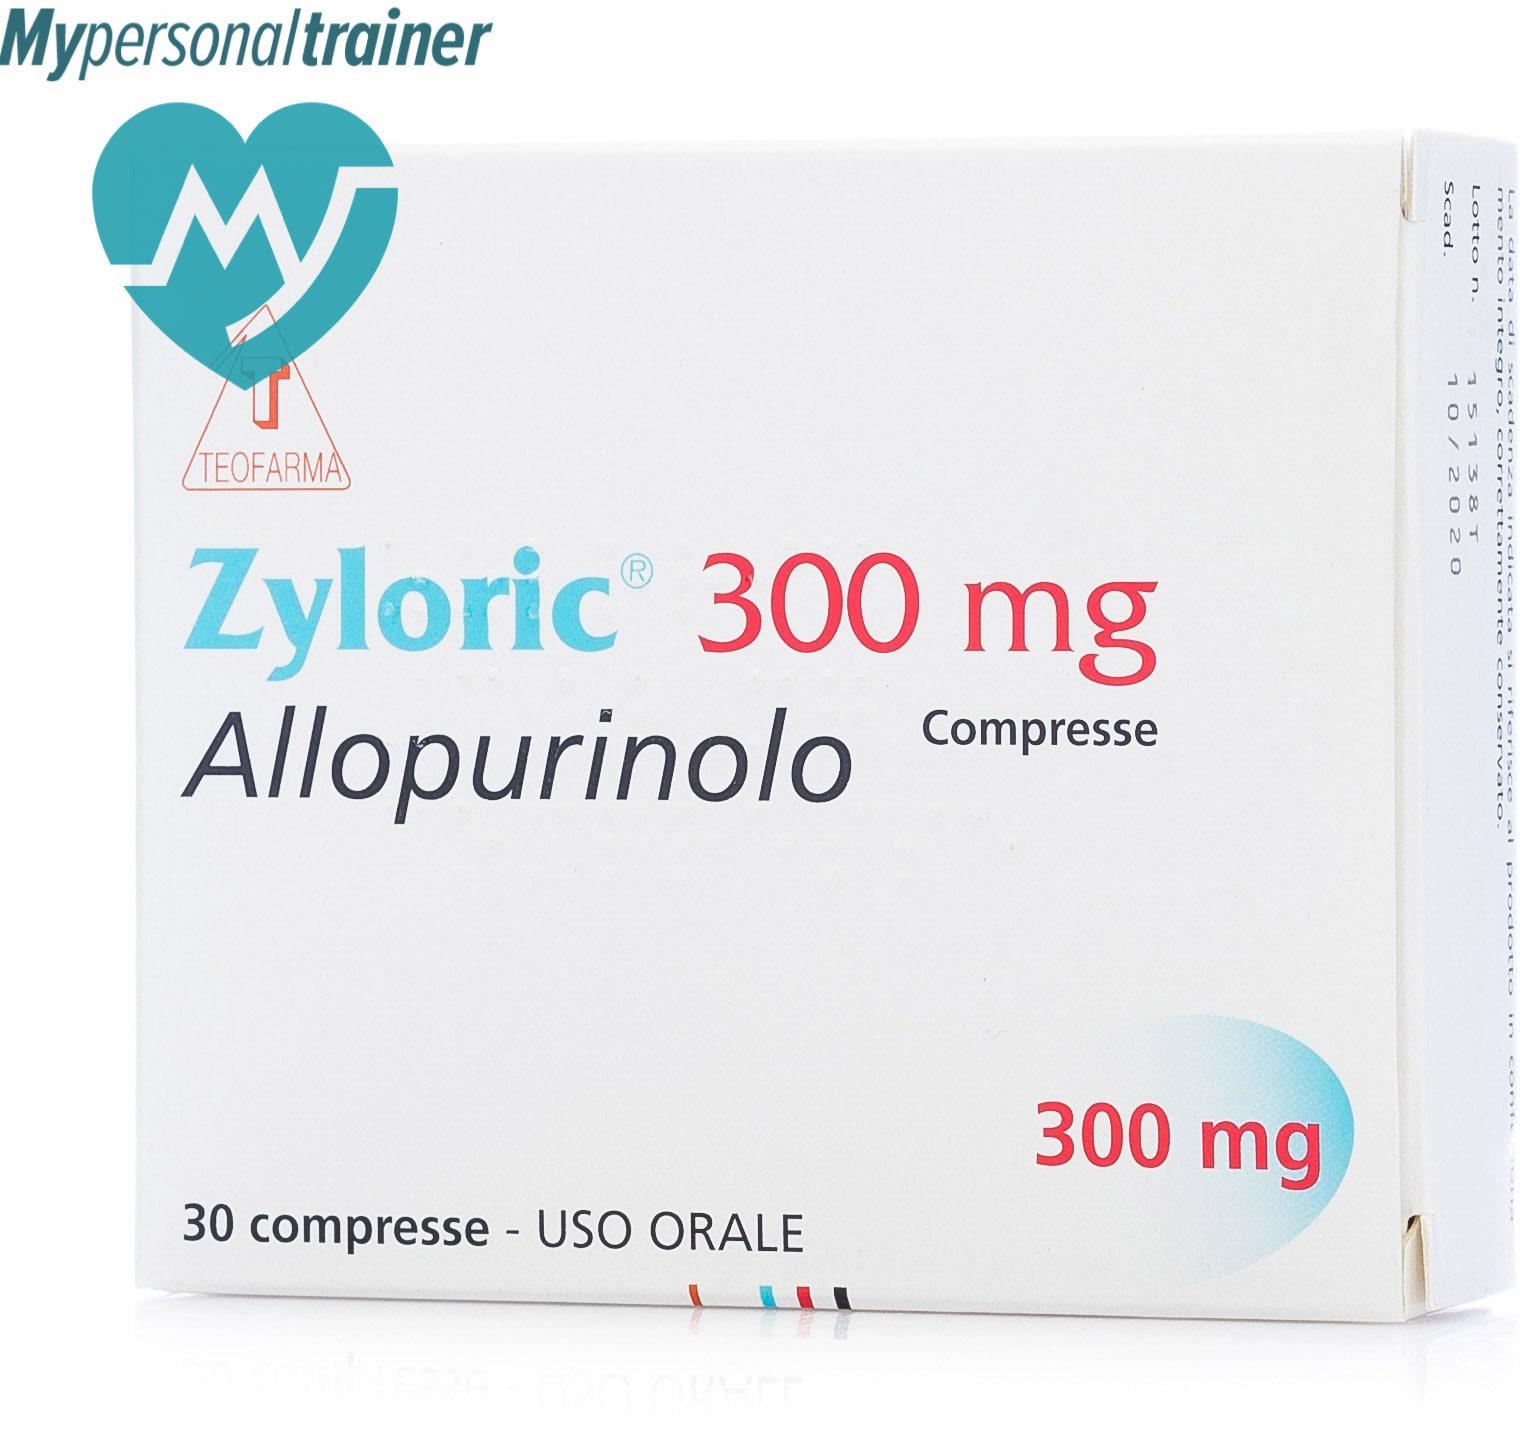 acido urico basso e disfunzione erettile